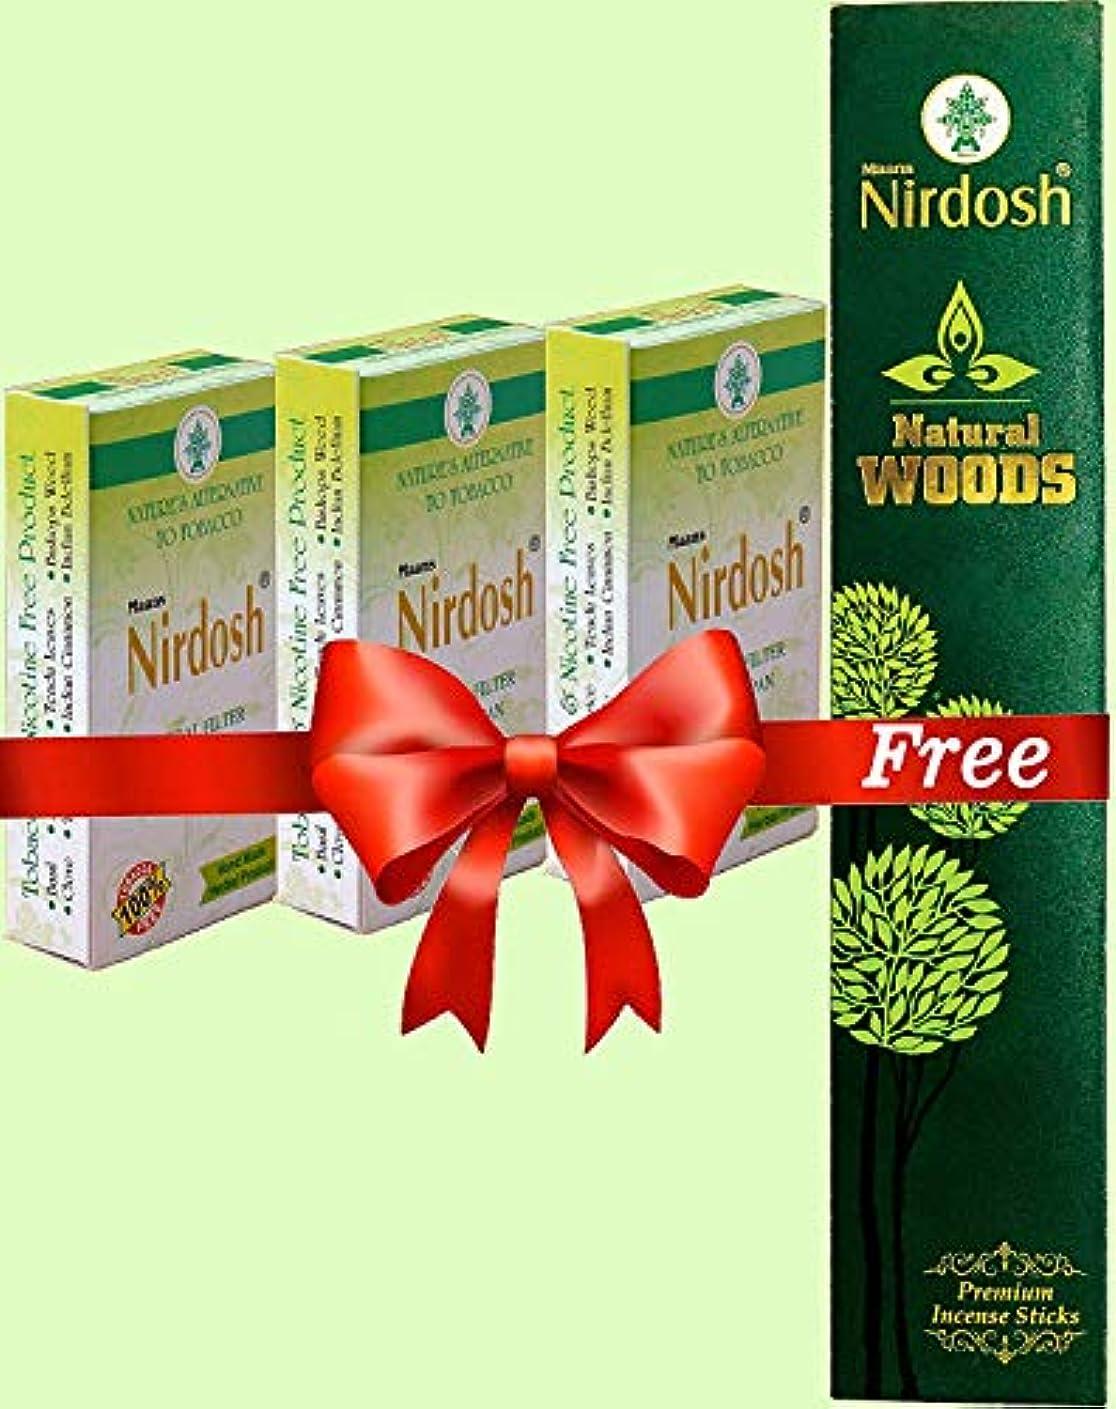 闇腹完璧なNirdosh Herbal Dhoompan - Pack of 3x10 Sticks - Free Natural Woods Masala Incense Sticks 25g.